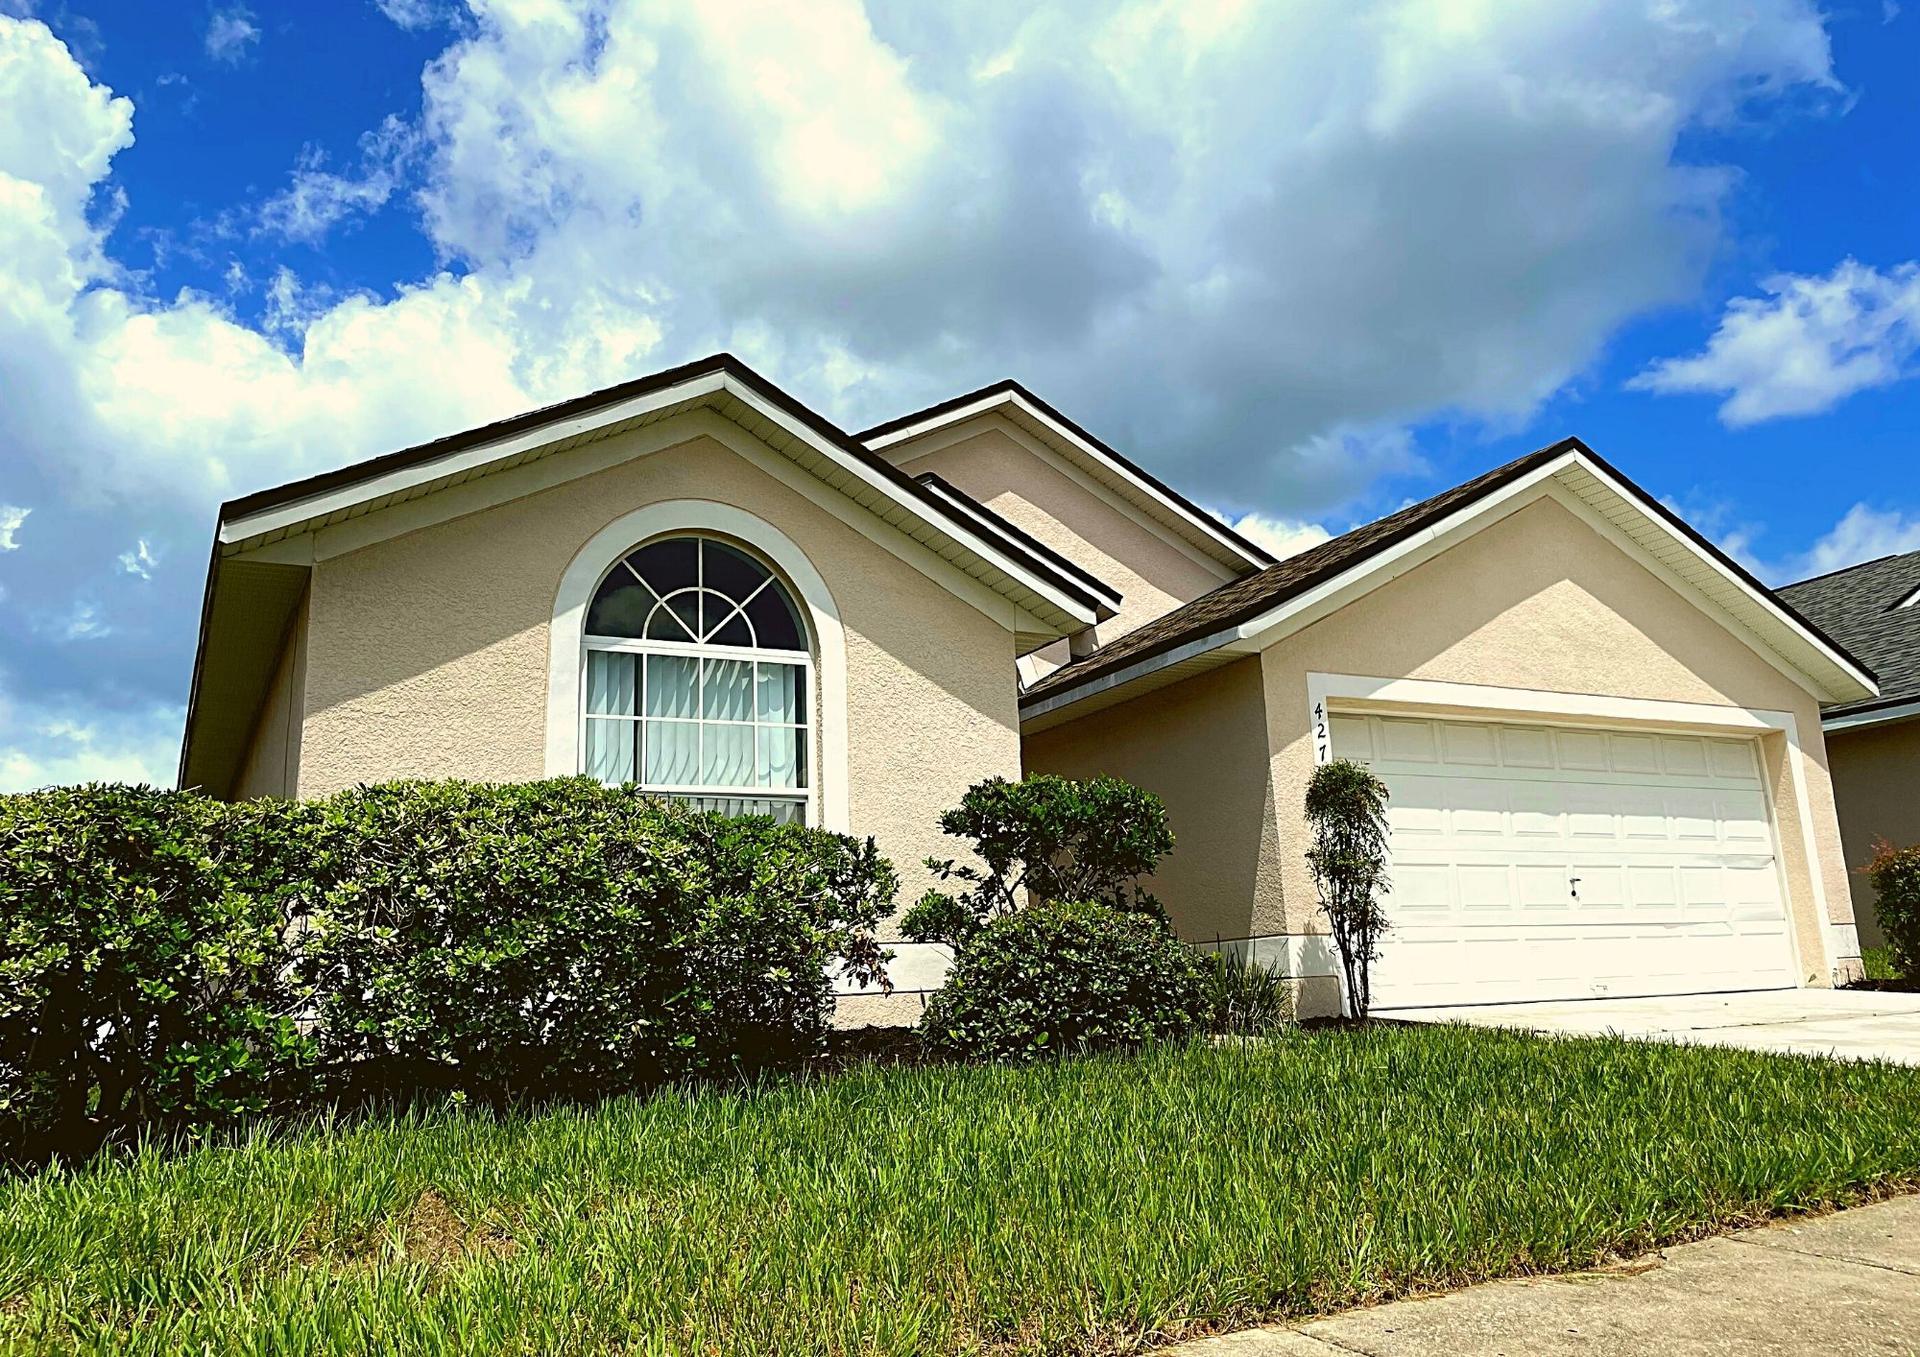 Photo of property: 427 Brayton Ln, Davenport, FL 33897